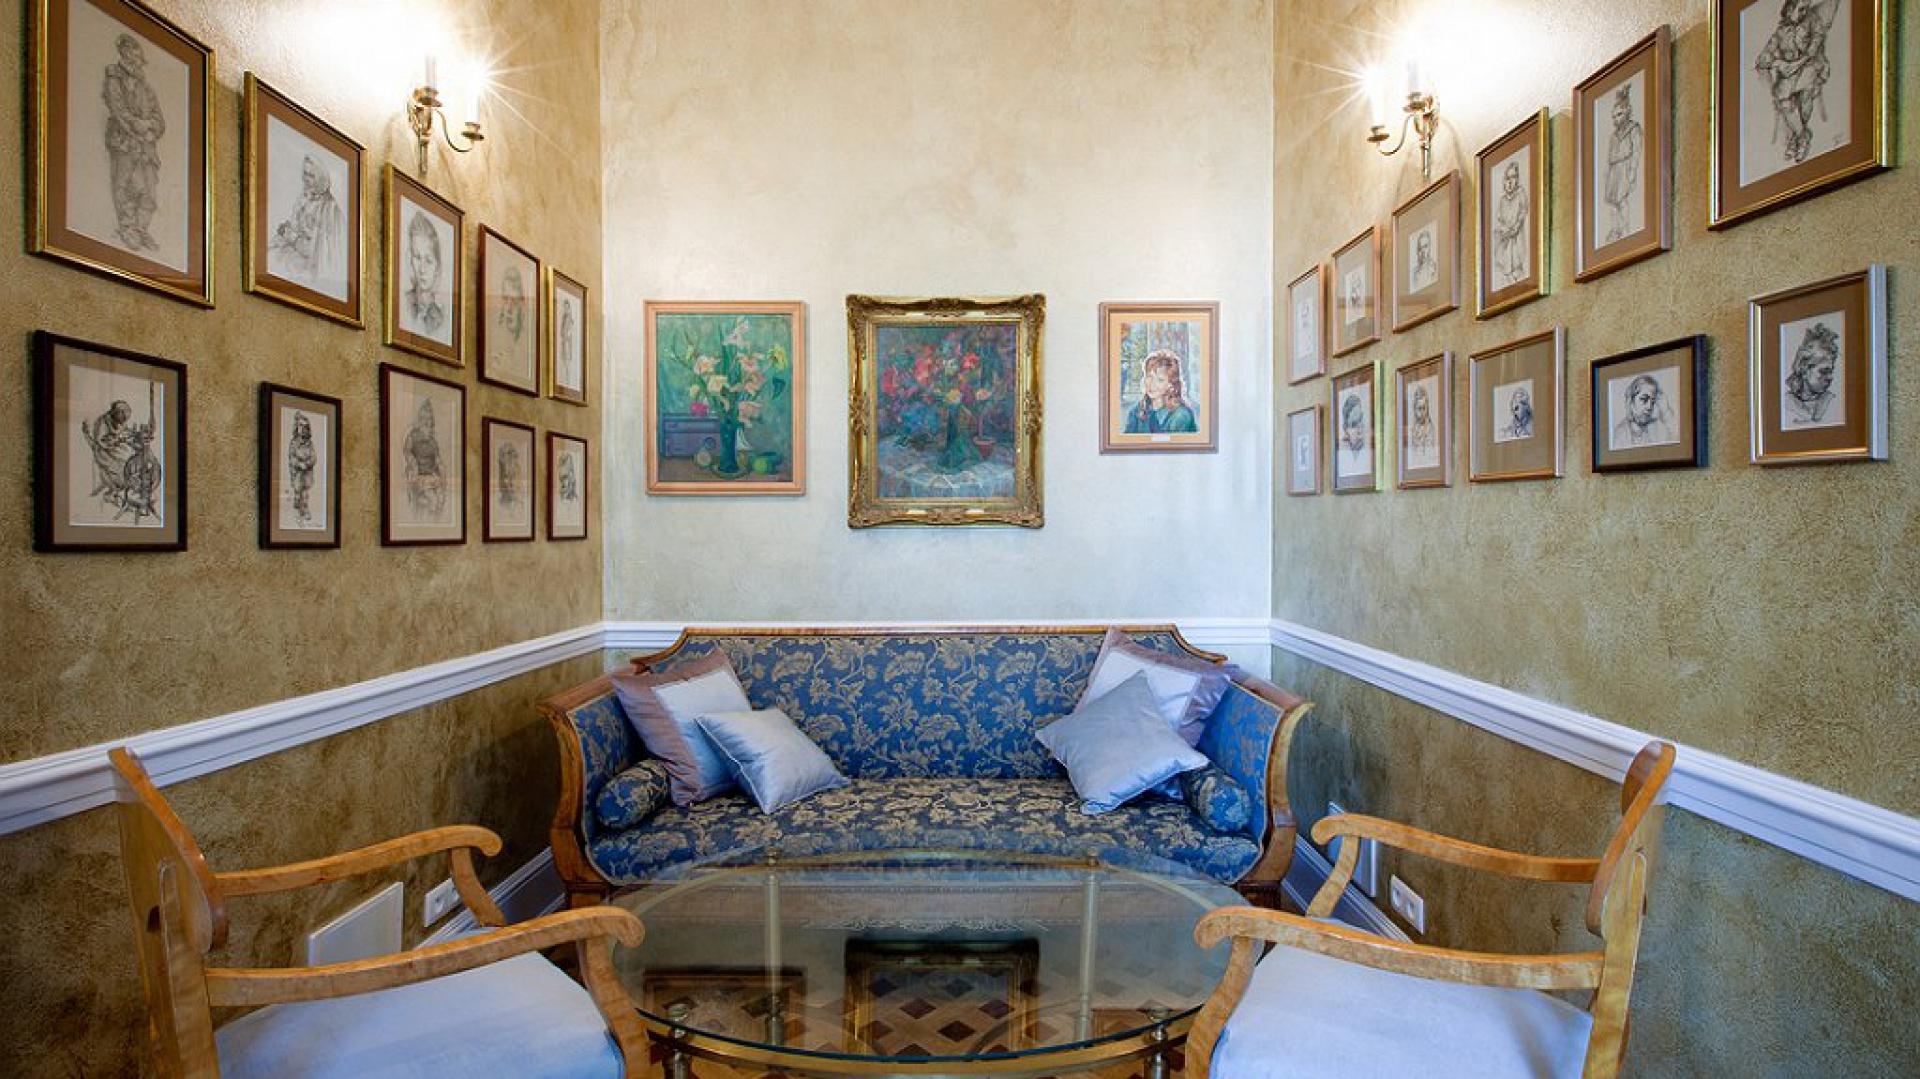 Pałac w Cieleśnicy to kolejna prestiżowa realizacja, w której zostały wykorzystane produkty marek UZIN i Pallmann. Fot. Andrzej Adamiec